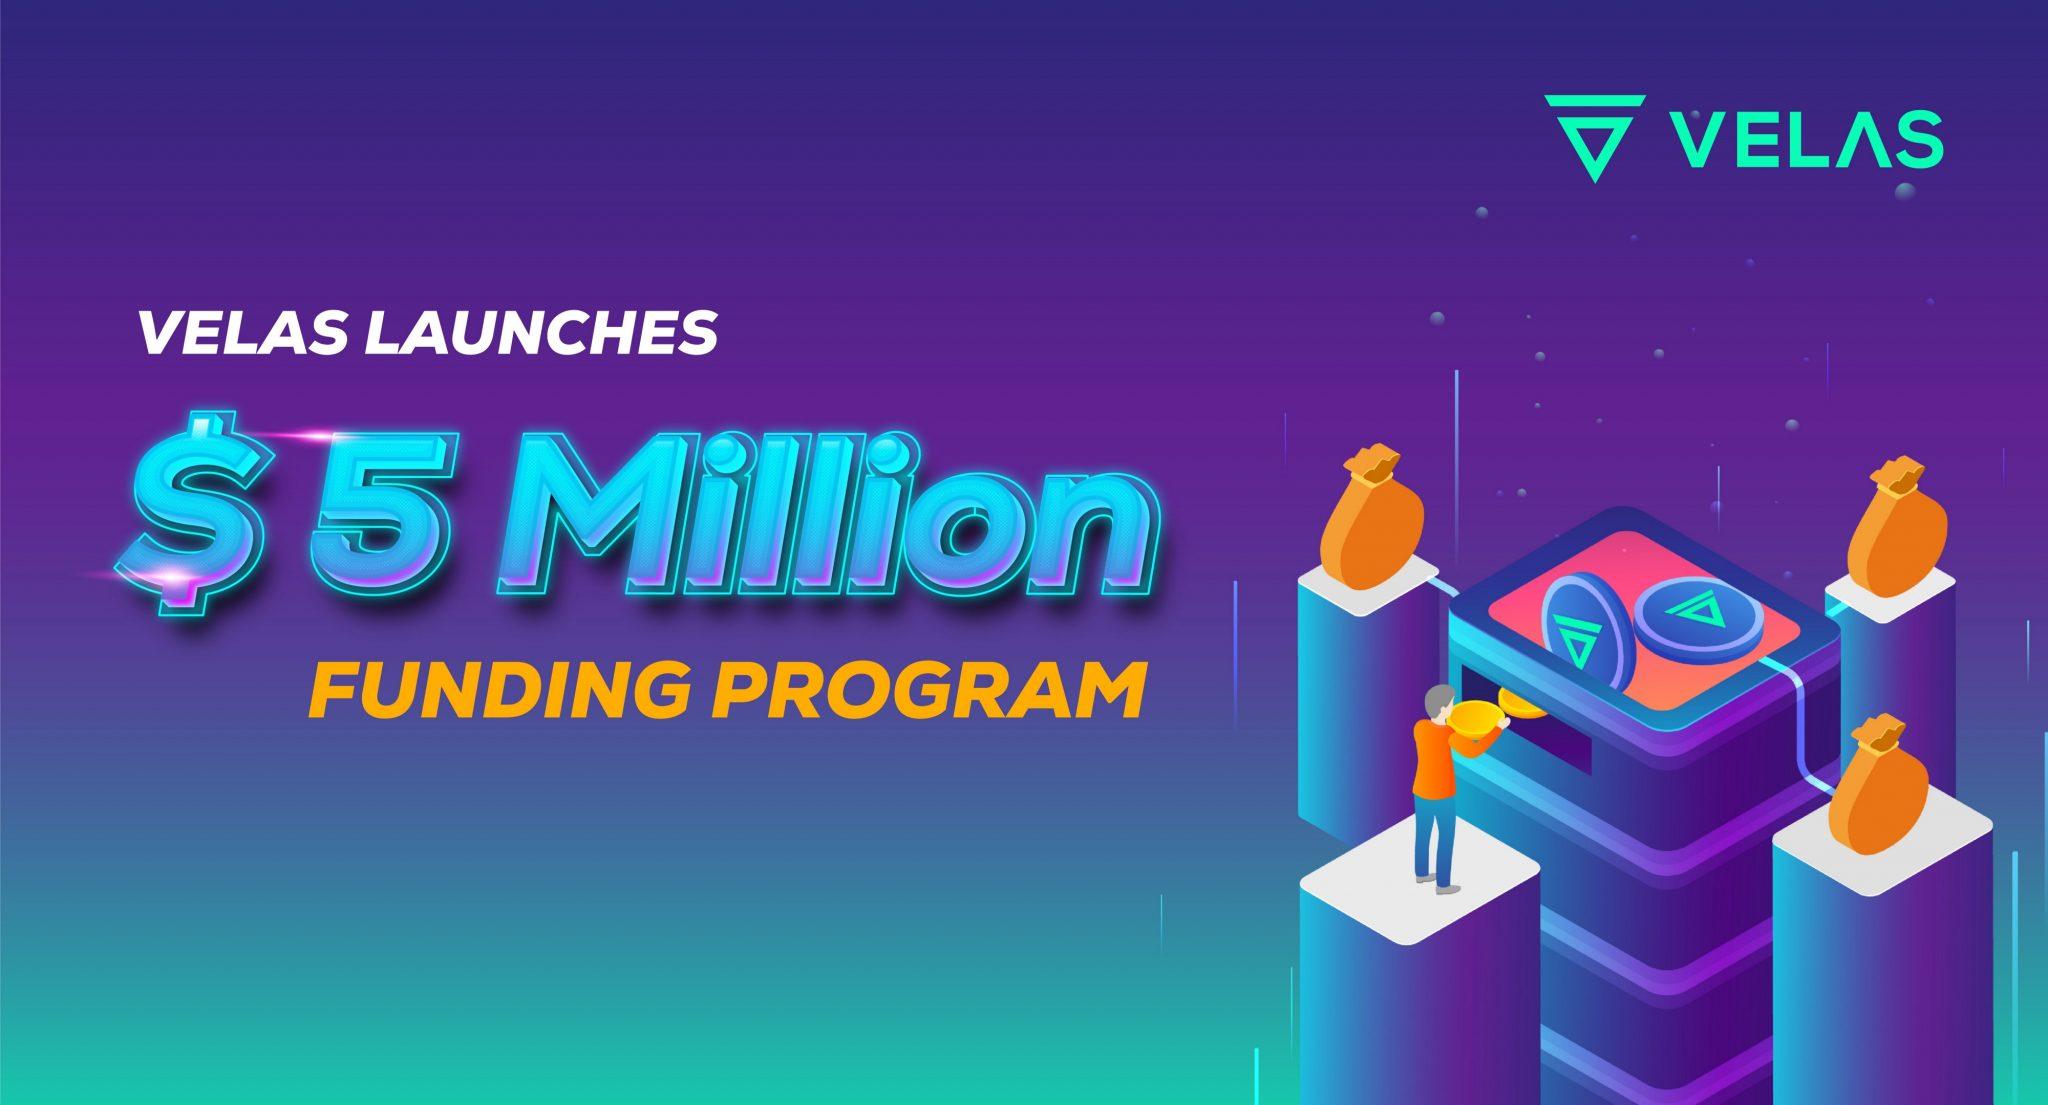 Velas запускает программу грантов в размере $5 млн